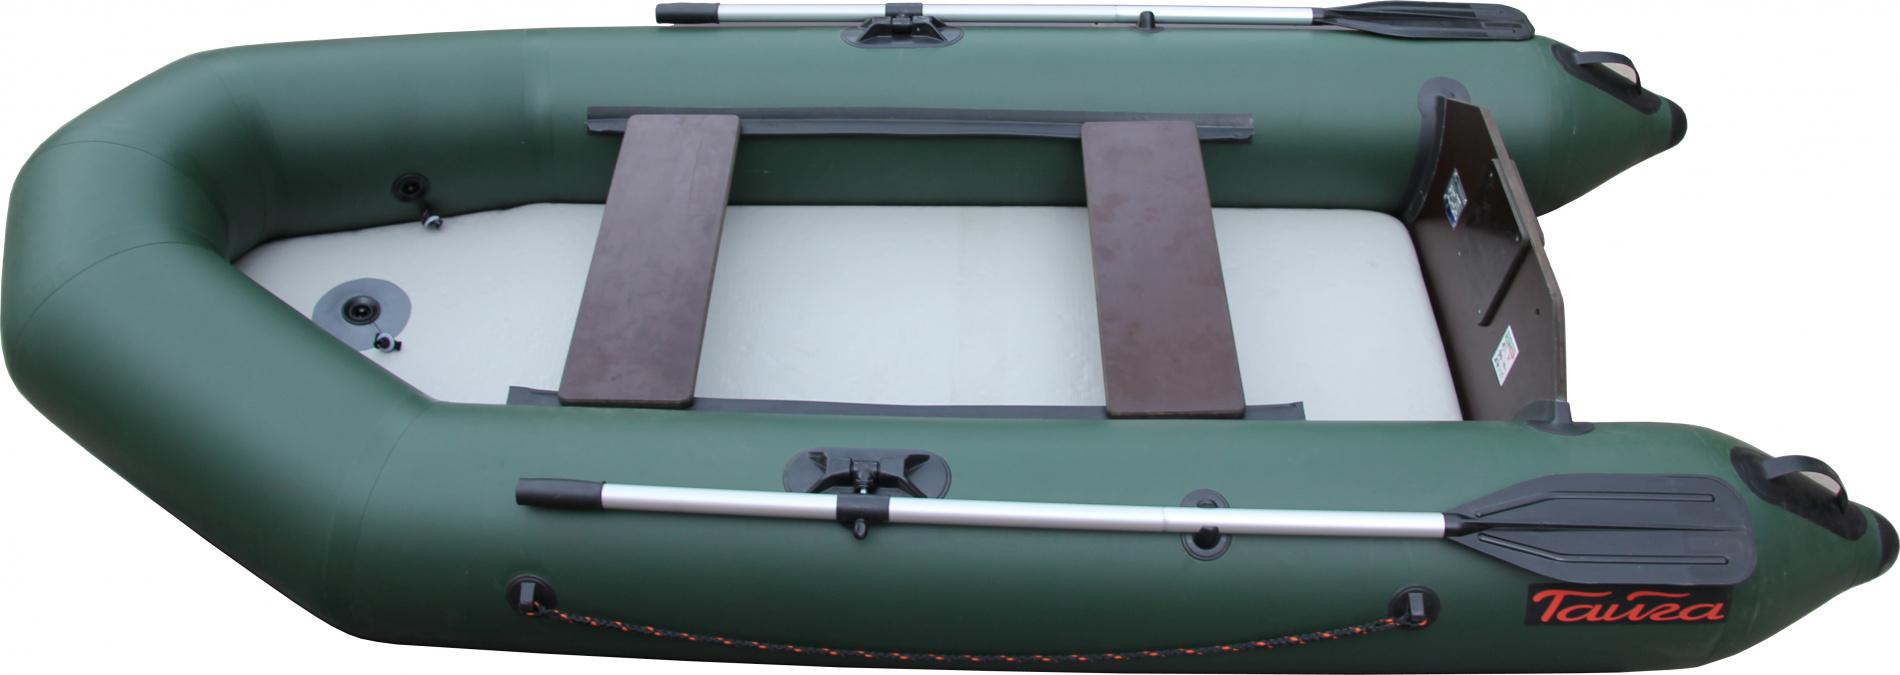 Лодка ПВХ Тайга-320 НД Airdeck (С-Пб)(цвет серый)Моторные или под мотор<br>Лодка ТАЙГА-320 Airdeck – надувная моторная <br>лодка, совмещающая в себе возможности гребных <br>и моторных. У такой лодки имеется жестко <br>вклеенный (стационарный) транец из морской <br>фанеры, толщиной 18 мм.. Лодка легко выходит <br>в глиссирующее положение с моторами мощности <br>8-10 л.с Отличительная особенность – сплошной <br>надувной пол высокого давления (Airdeck). Дно <br>выполнено из ламинированного текстиля <br>с использованием армировки из нитей. Благодаря <br>такой конструкции надувная лодка становится <br>легче (примерно на 7 кг), а значит, её легче <br>транспортировать, что является несомненным <br>плюсом. Быстрая и простая сборка, и разборка <br>лодок , надувное дно можно извлечь из лодки <br>в любой момент. Надувное дно лодки универсально, <br>его можно использовать как ложе в палатке, <br>или в качестве надувного матраса для купания. <br>А в том случае, если один из баллонов начал <br>пропускать воздух, airdeck оставит дно ровным. <br>Конструкция дна получается довольно жёсткой <br>и прочной, что позволяет без опасений встать <br>на дно лодки. Специальная помпа с двумя <br>камерами входит в комплект. Для накачки <br>баллона лодки - давление 0,2 атм, для накачки <br>надувного дна высокого давления (Airdeck) - <br>давление 0,8 атм. - Лодка «ТАЙГА» состоит <br>из одного замкнутого баллона, разделенного <br>перегородками на 3 отсека, что позволит <br>лодке остаться на плаву даже при случайном <br>проколе баллона. - Корпус лодки «ТАЙГА» <br>изготавливается из 5-ти слойной ткани ПВХ <br>корейского производства MIRASOL, являющейся <br>одной из лучших на рынке. Используется ткань <br>плотностью 750 г/м.кв. Реальный срок службы <br>лодки из ПВХ составляет больше 15 лет. Лодки <br>из ПВХ не требуют специальной обработки <br>после использования и на период хранения. <br>- швы лодки соединены современным методом <br>«горячей сварки». Ткань соединяется встык, <br>с проклейкой с двух 